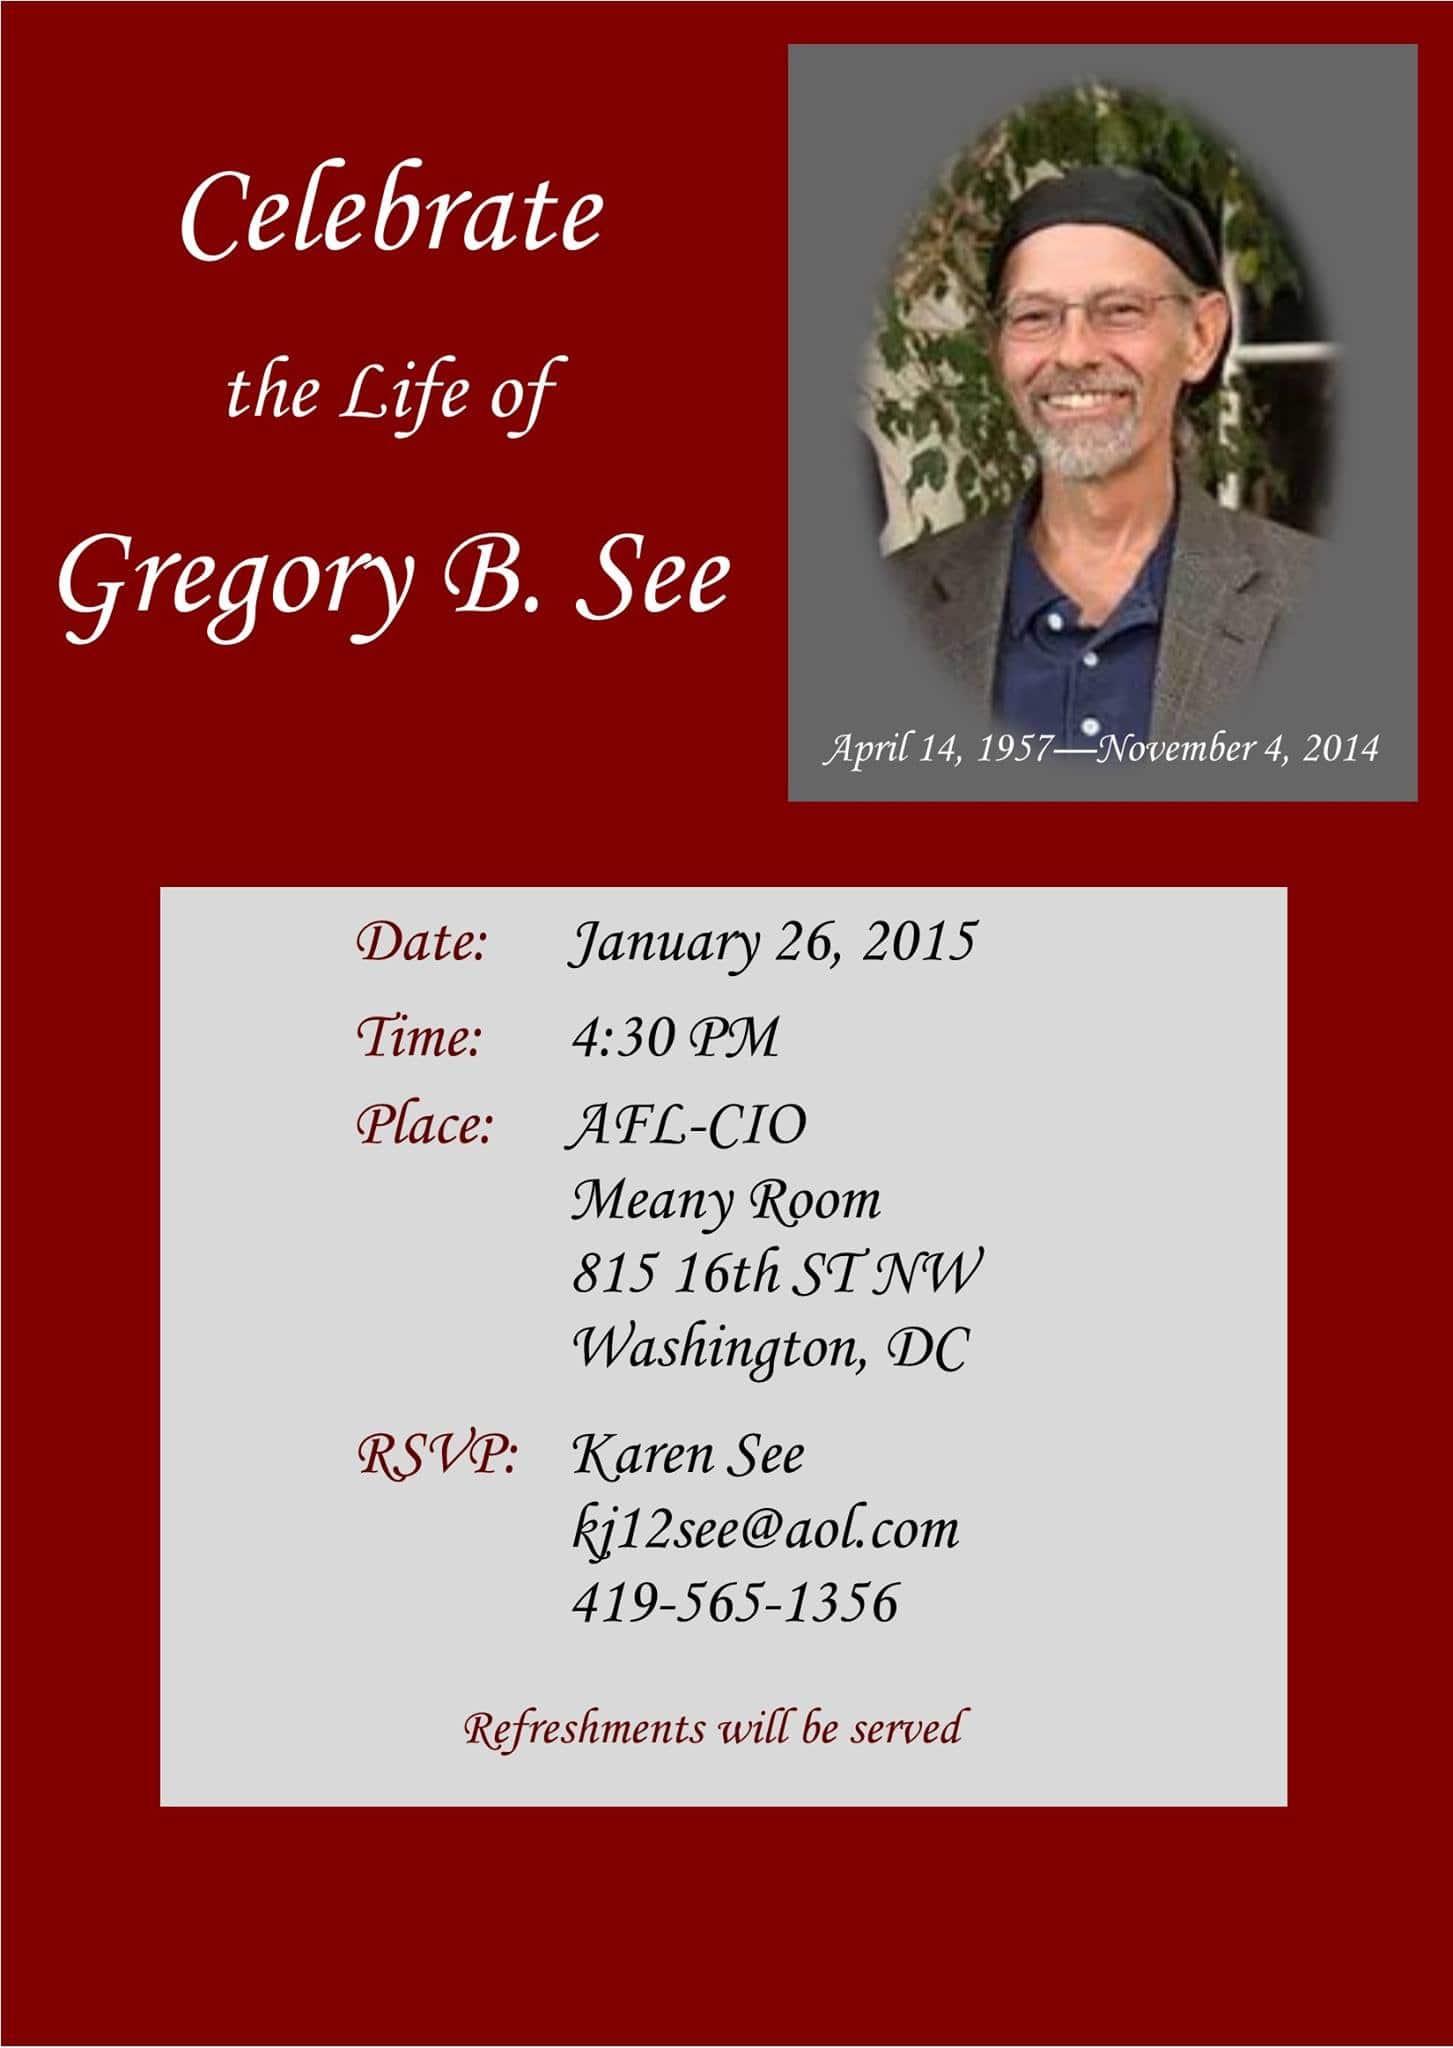 Greg See Memorial